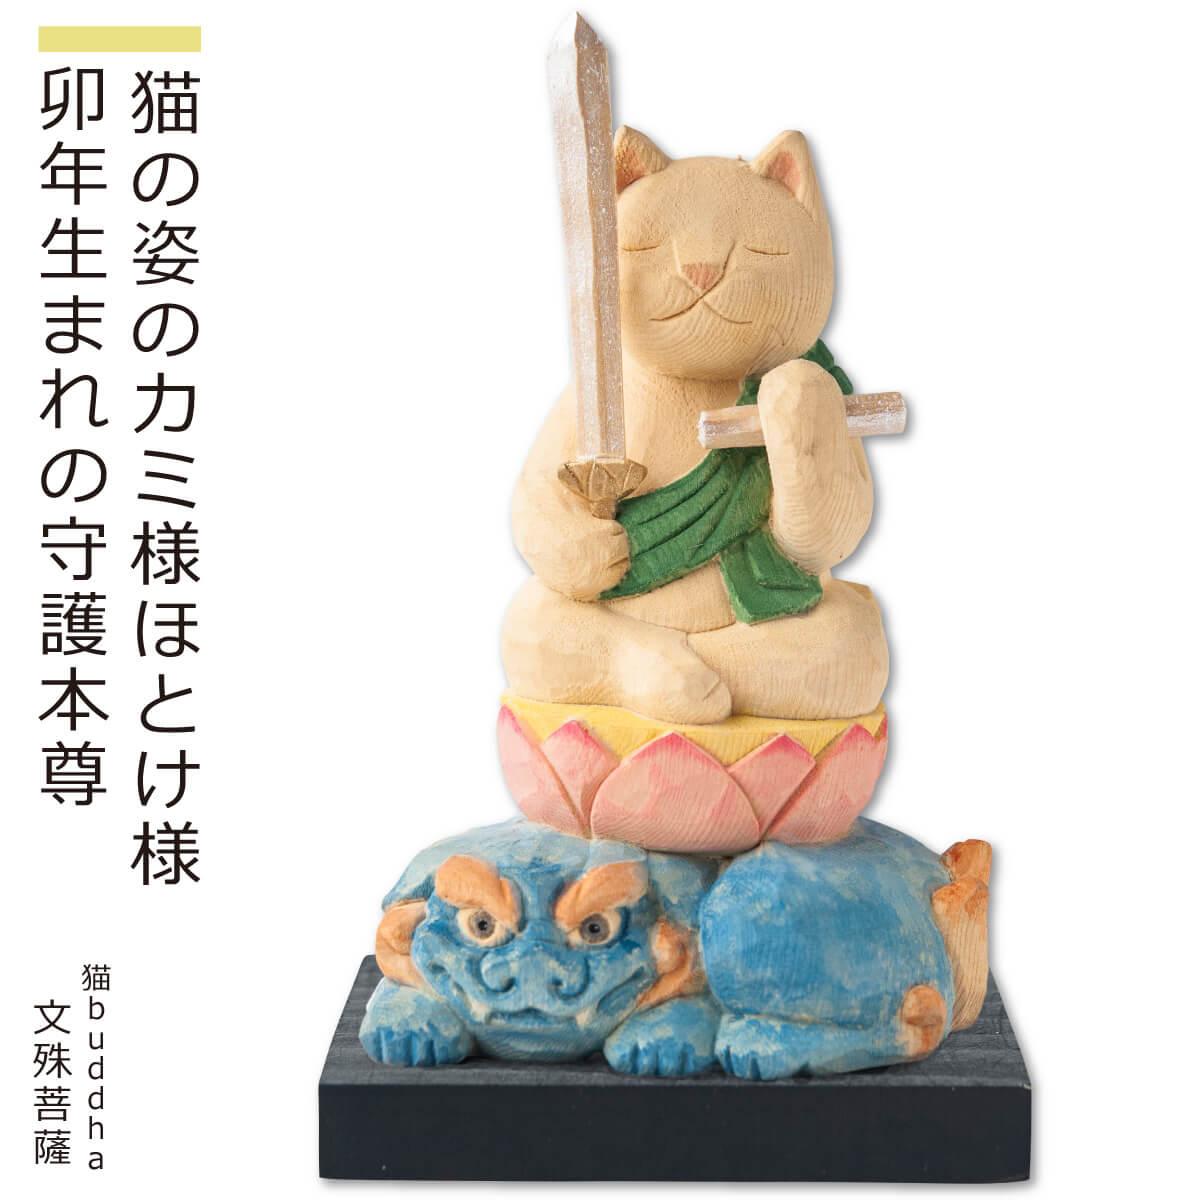 猫buddha 文殊菩薩 卯年生まれの守護本尊にゃ ≫ にゃんブッダ 癒される猫姿の神さま仏さま 仏屋さかい原型 監修 猫 プレゼント マート 置物 すべて木彫りで作っちゃいました ねこ 人気激安 木彫り ギフト 仏像